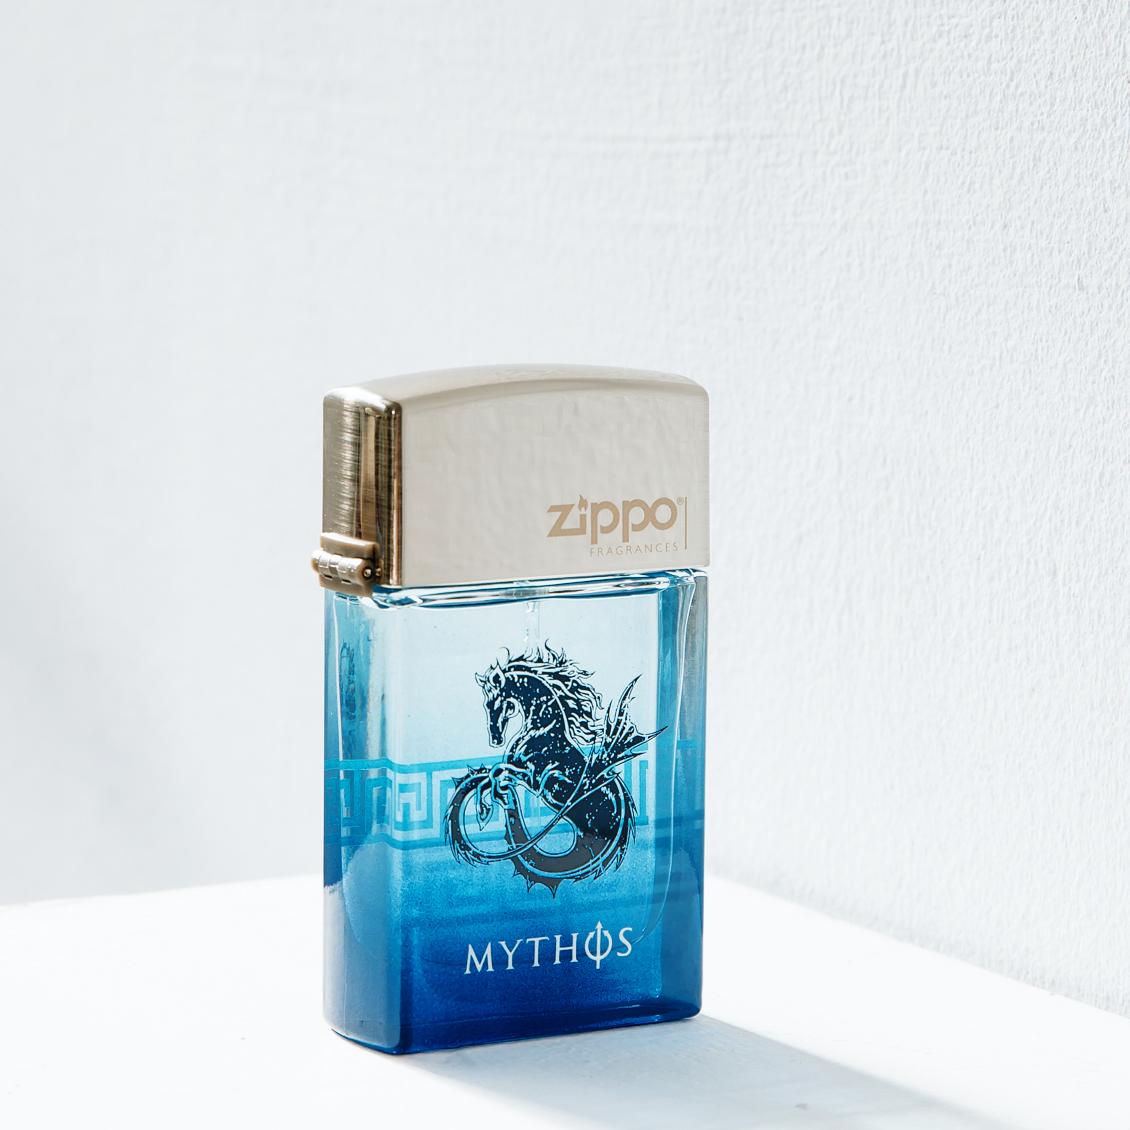 ZIPPO戰神點燃男人魅力的火 今年度必須入手的香水就是他